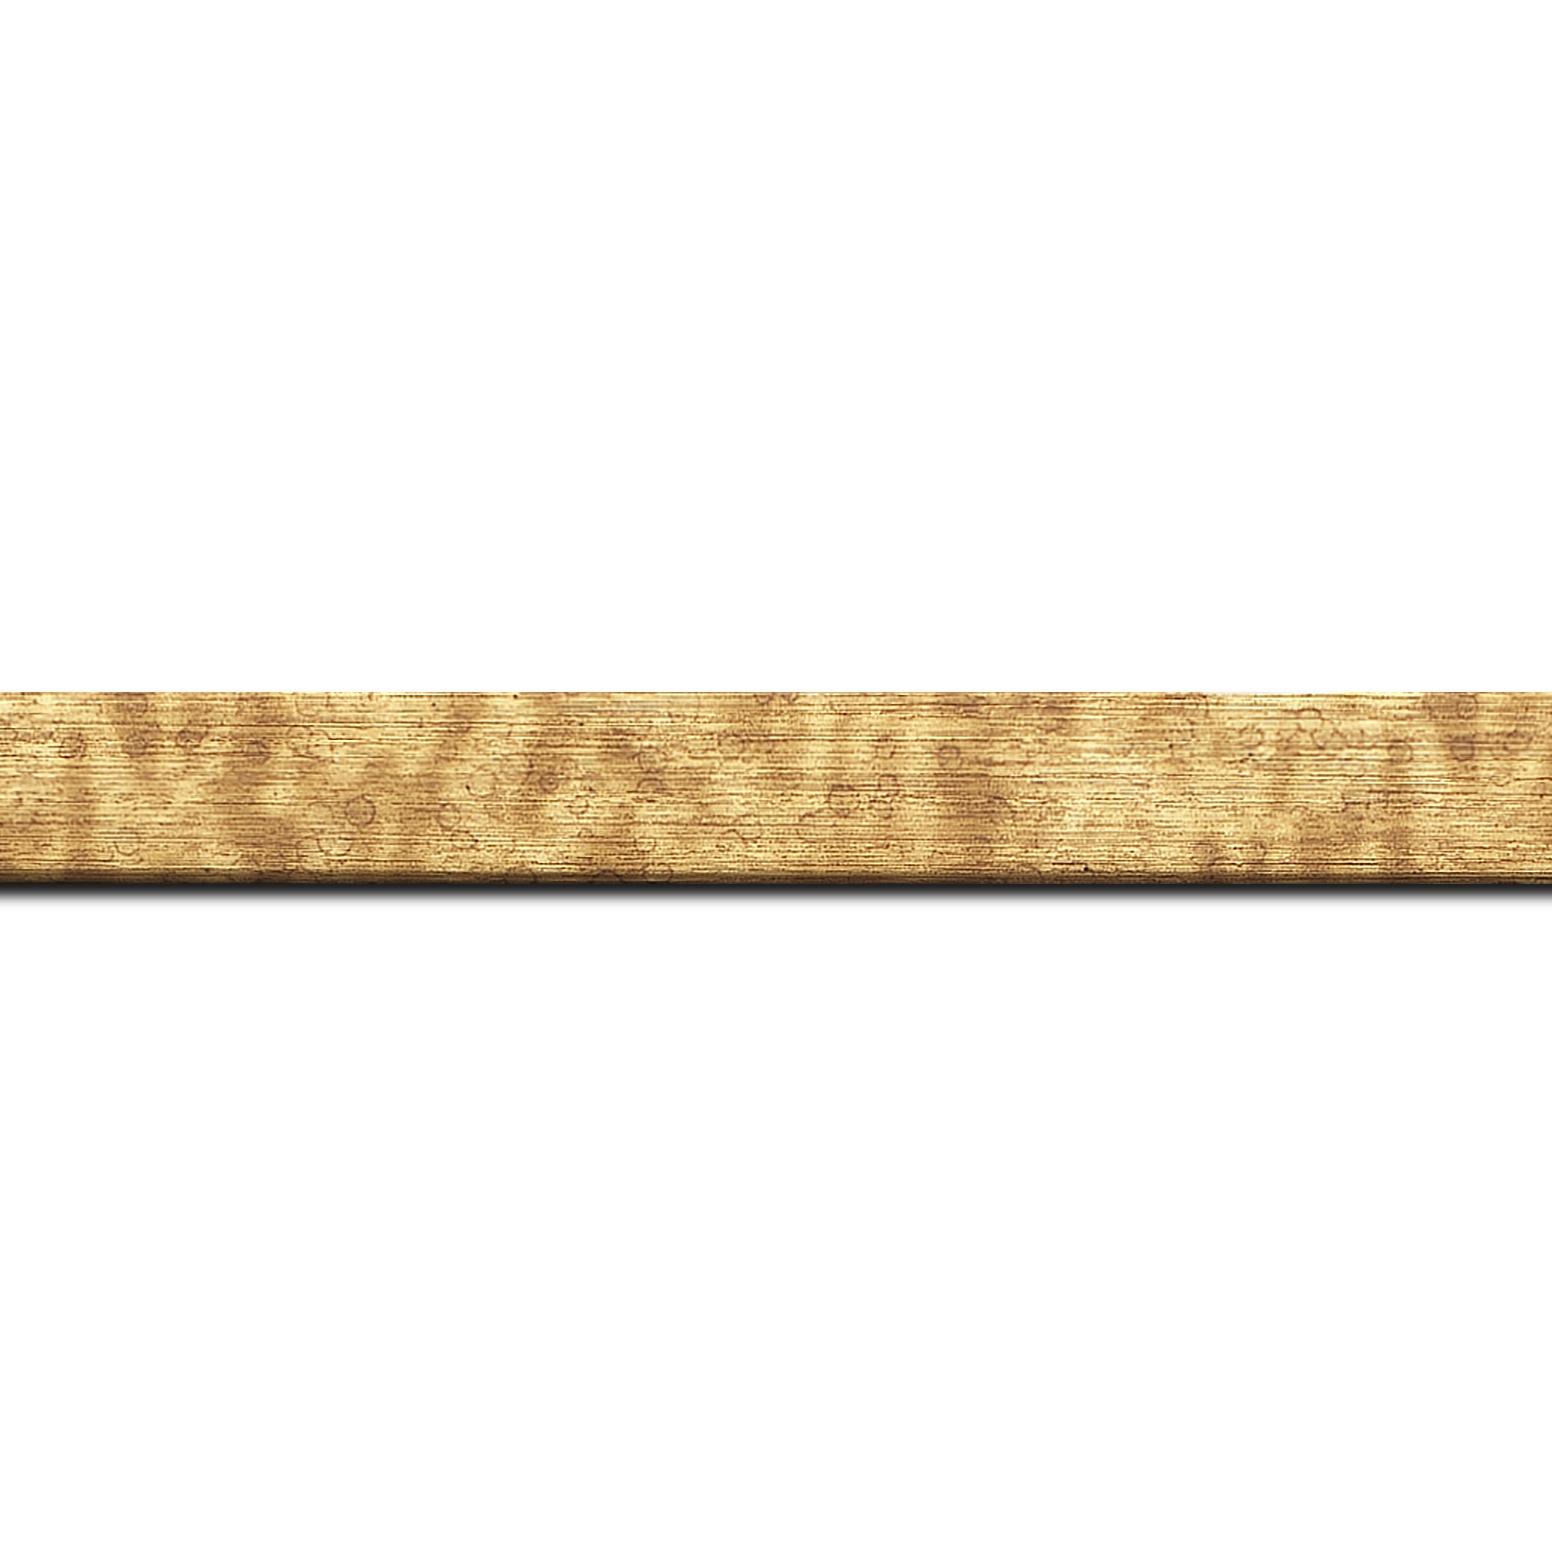 Baguette longueur 1.40m bois profil plat effet cube largeur 2cm couleur or